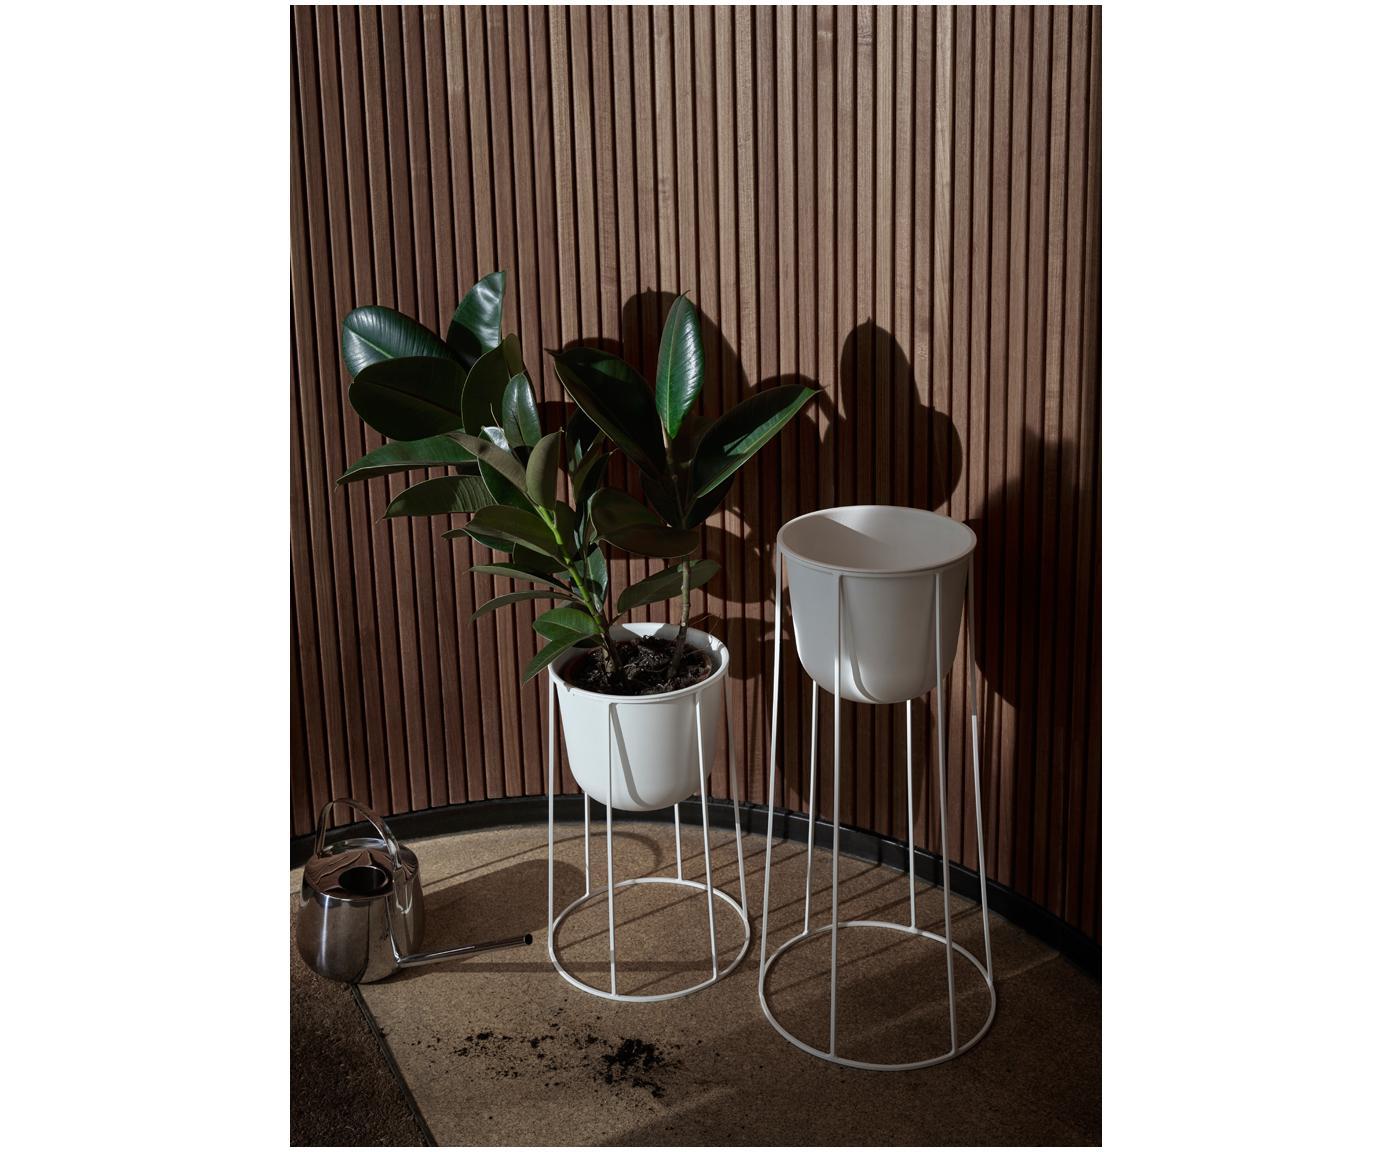 Stojak na doniczkę Wire Base, Stal malowana proszkowo, Biały, Ø 23 x W 60 cm